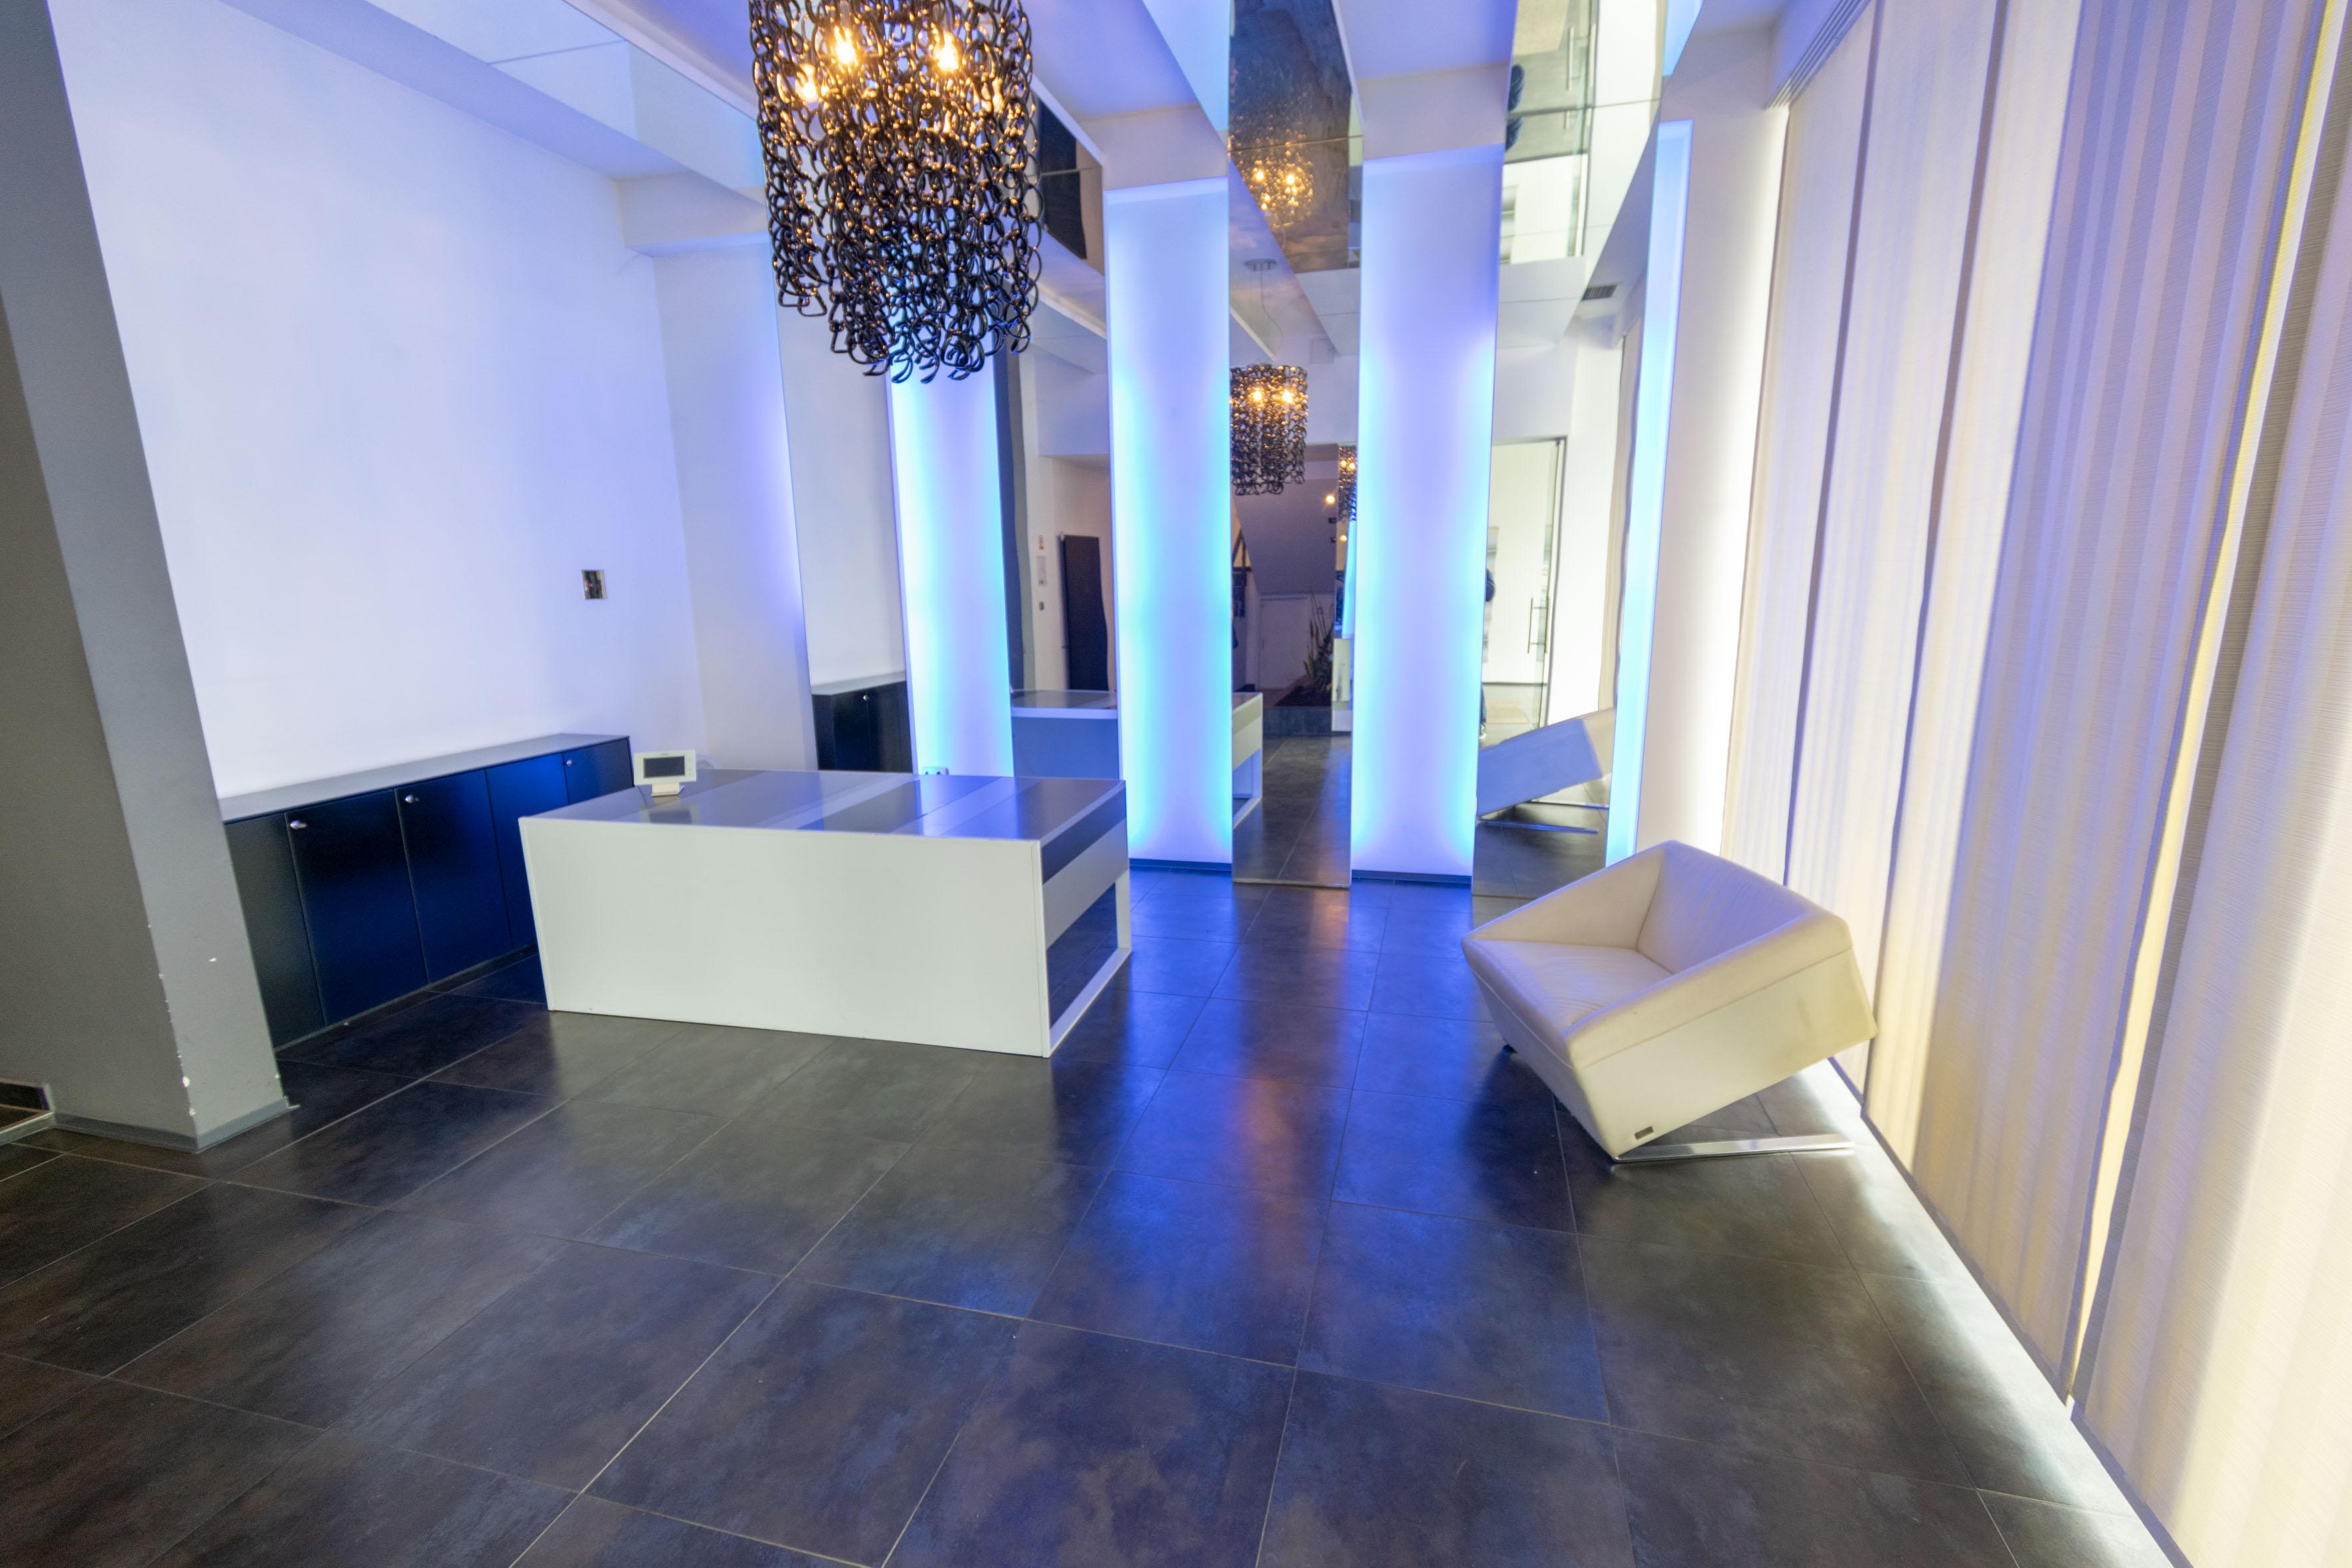 Poslovni prostor: Zagreb (Sigečica), uredski, 420 m2, (iznajmljivanje)